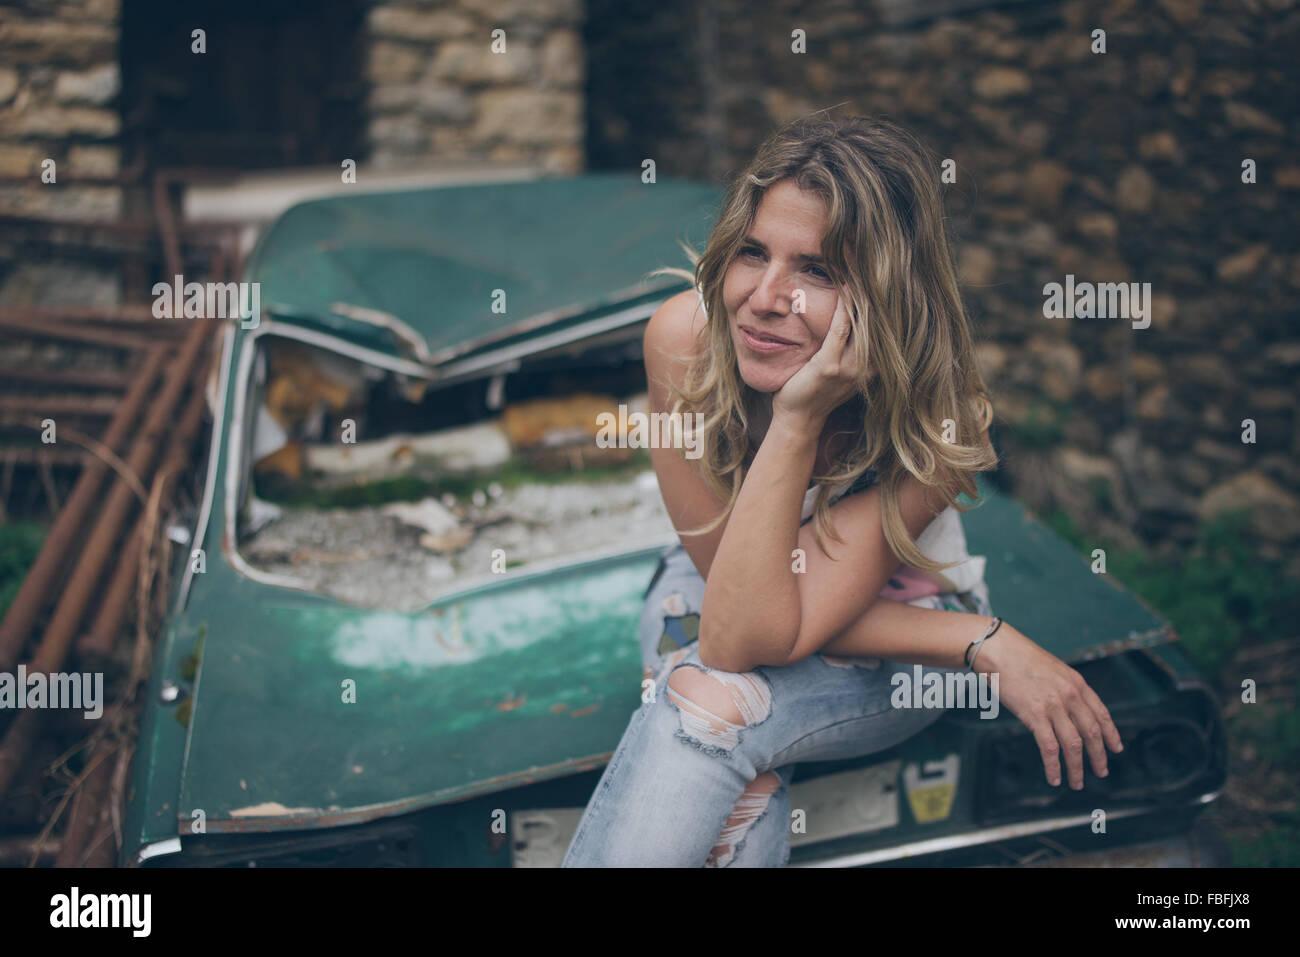 Mujer joven mirando a otro lado mientras está sentado en el automóvil abandonado Imagen De Stock